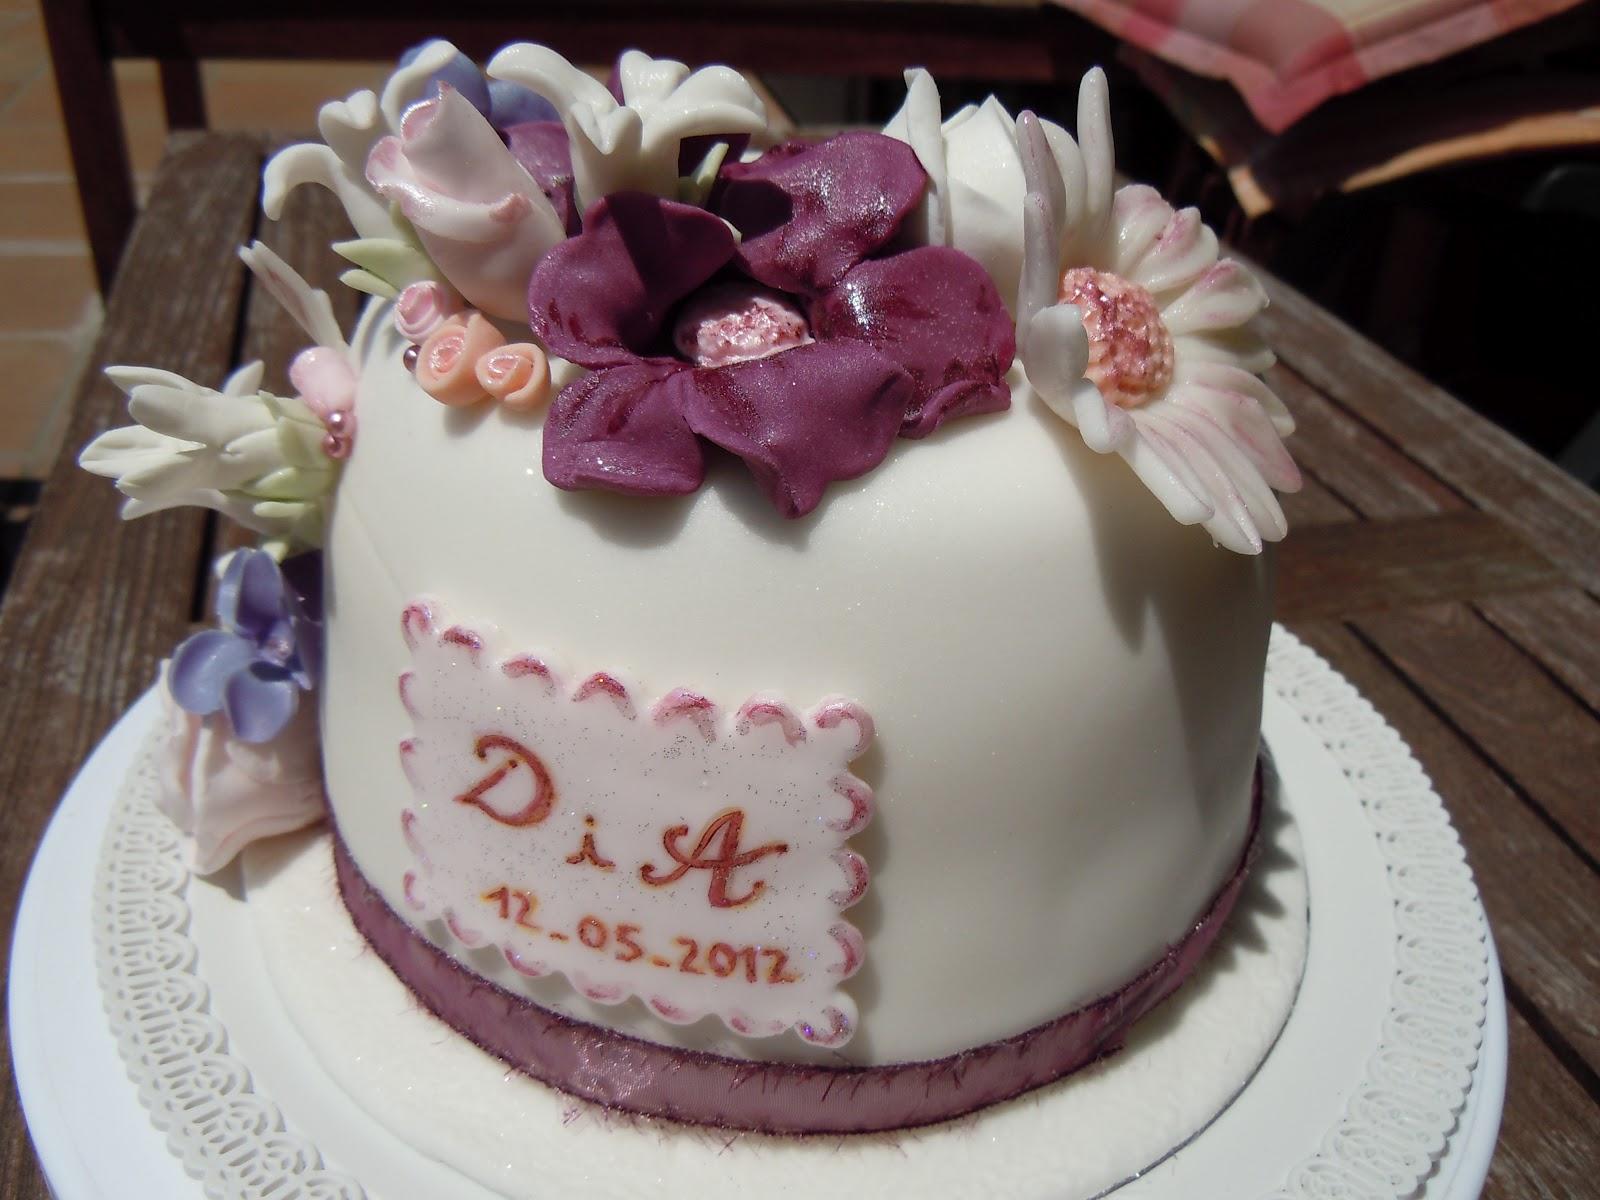 Pasteles De Boda Creativos: Mini Pastel De Boda Con Flores